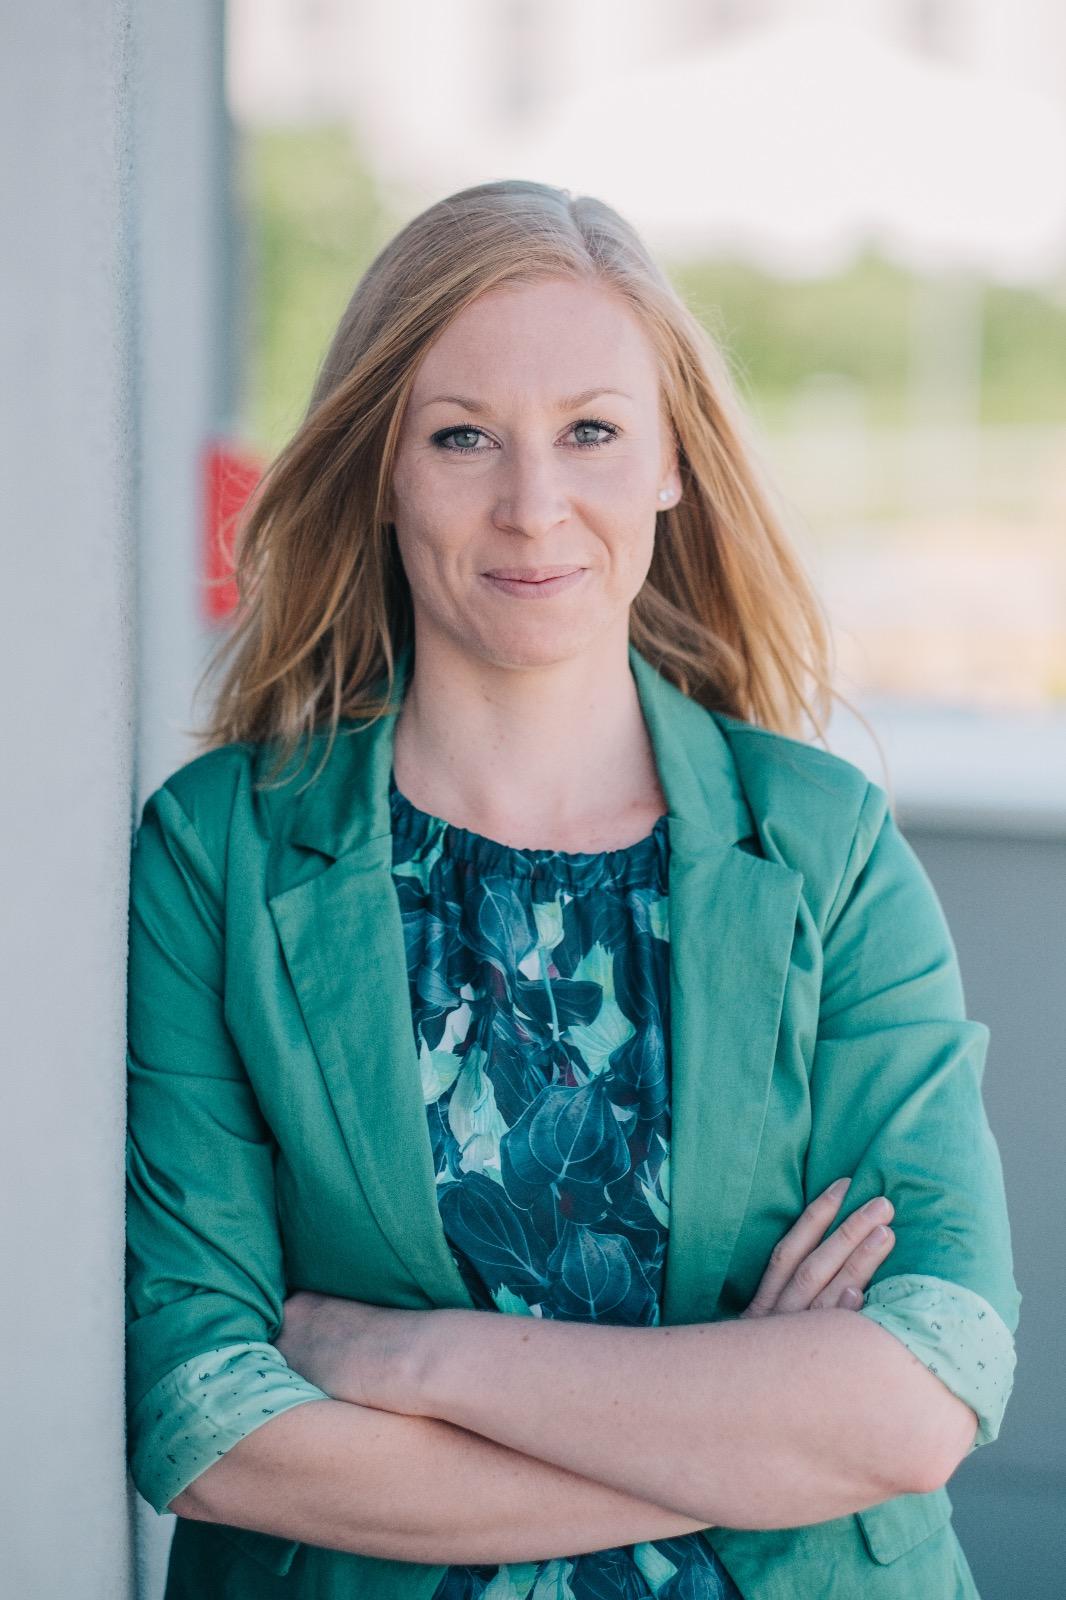 Diätologin Johanna Obendrauf